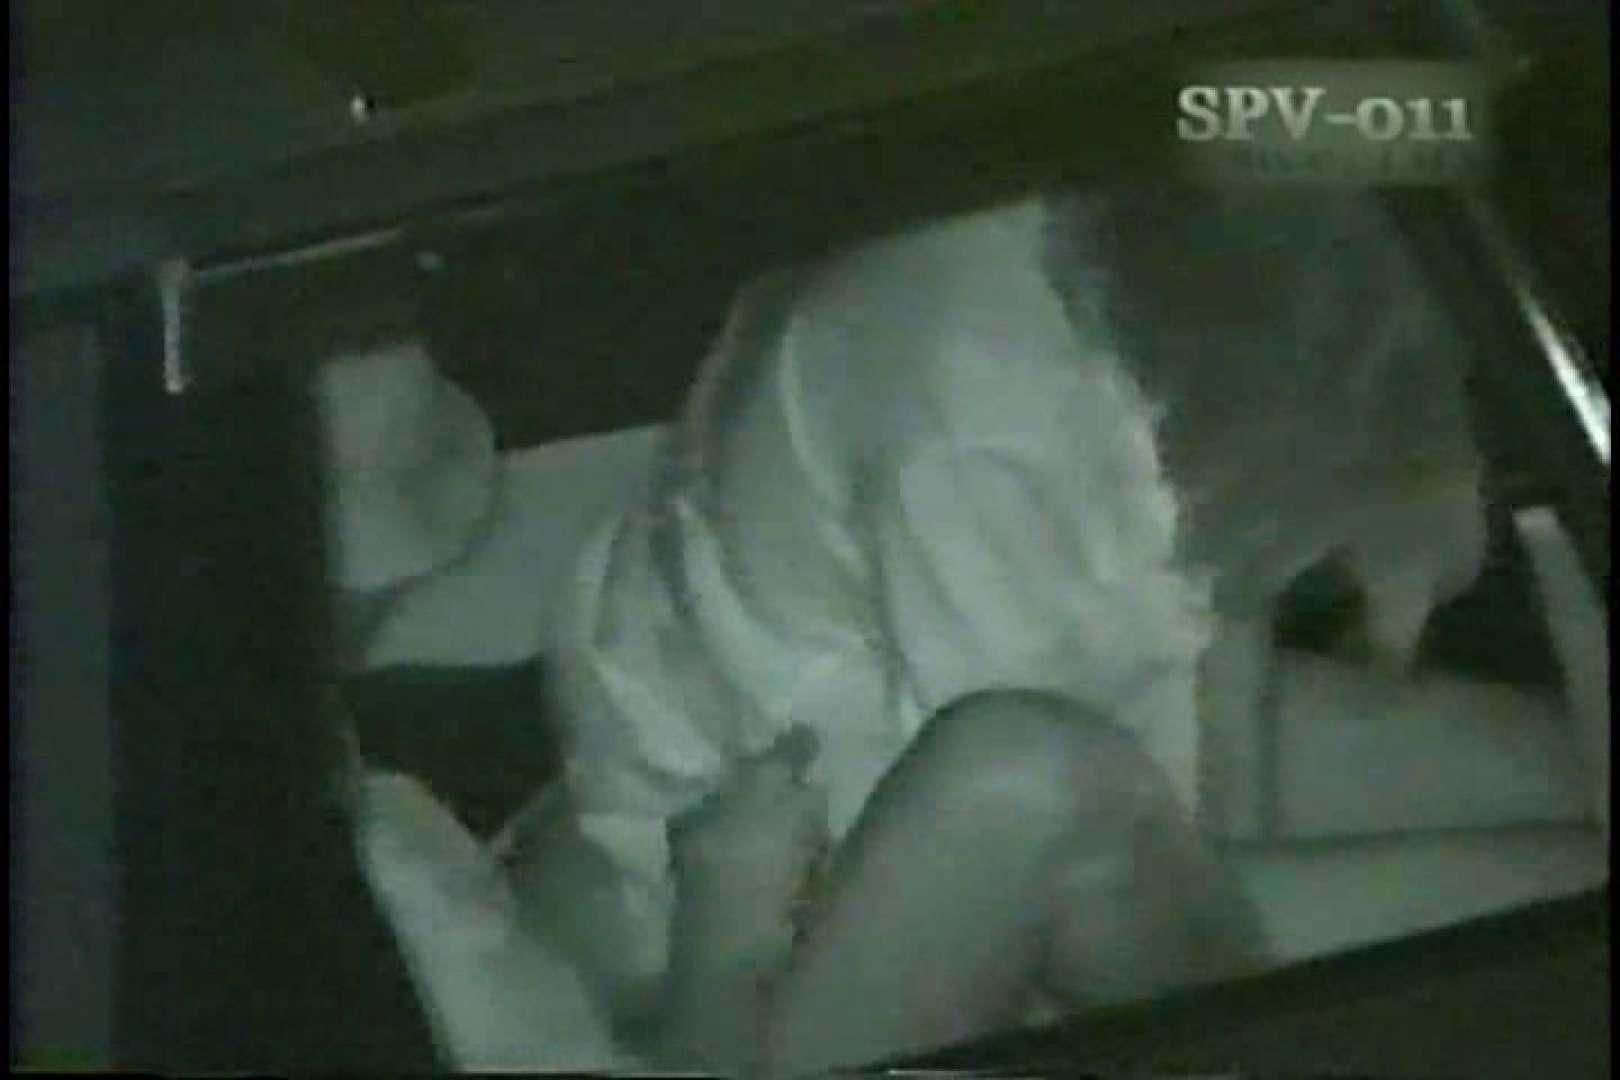 高画質版!SPD-011 盗撮 カーセックス黙示録 (VHS) セックスシーン おまんこ動画流出 11枚 4